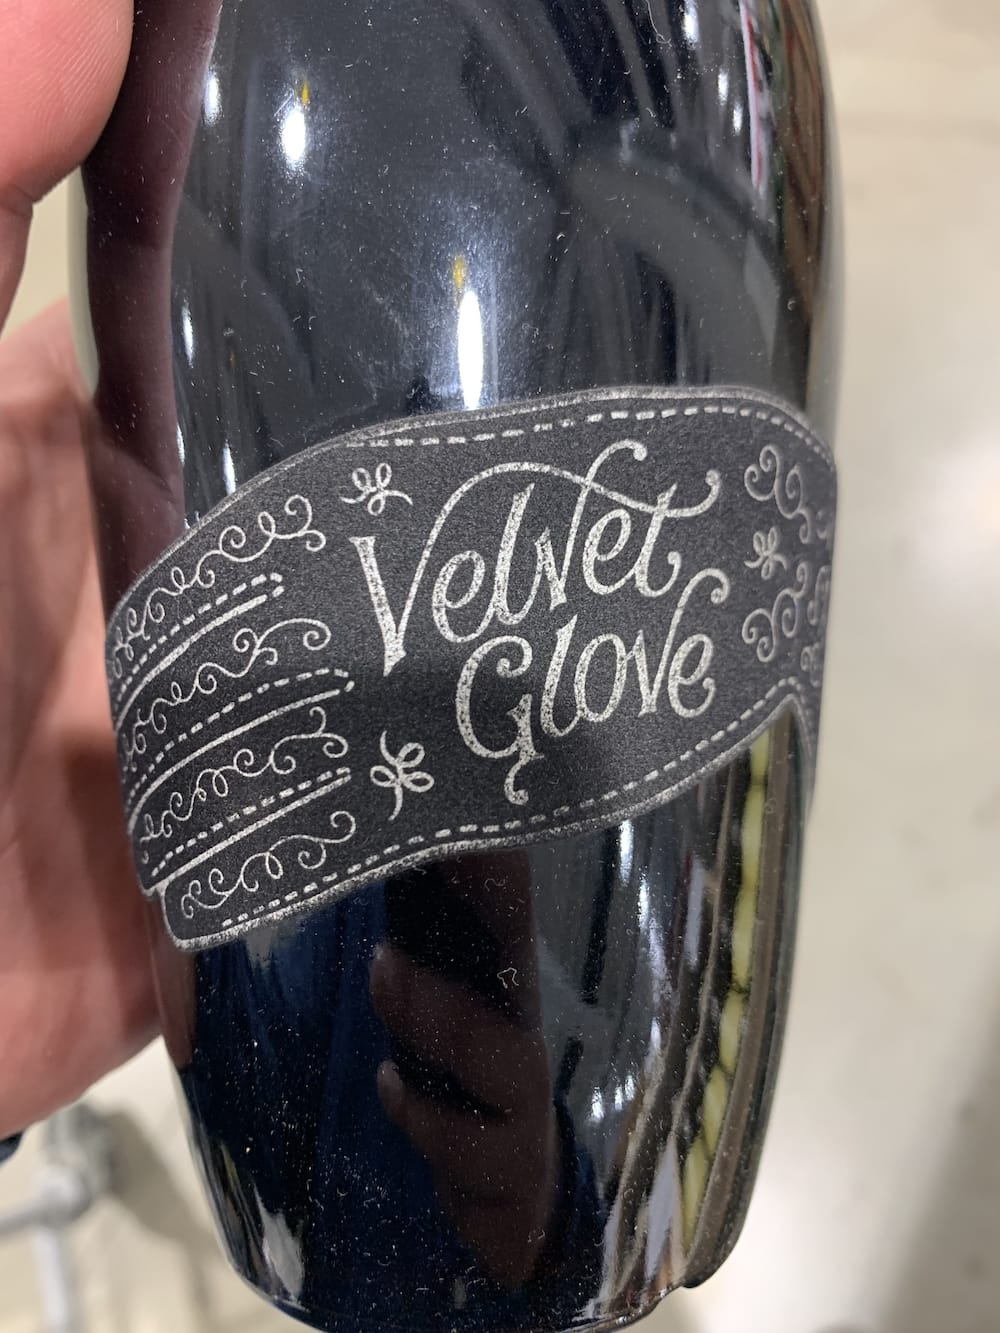 몰리두커 벨벳 글로브 2017 Molly dooker, Velvet Globe